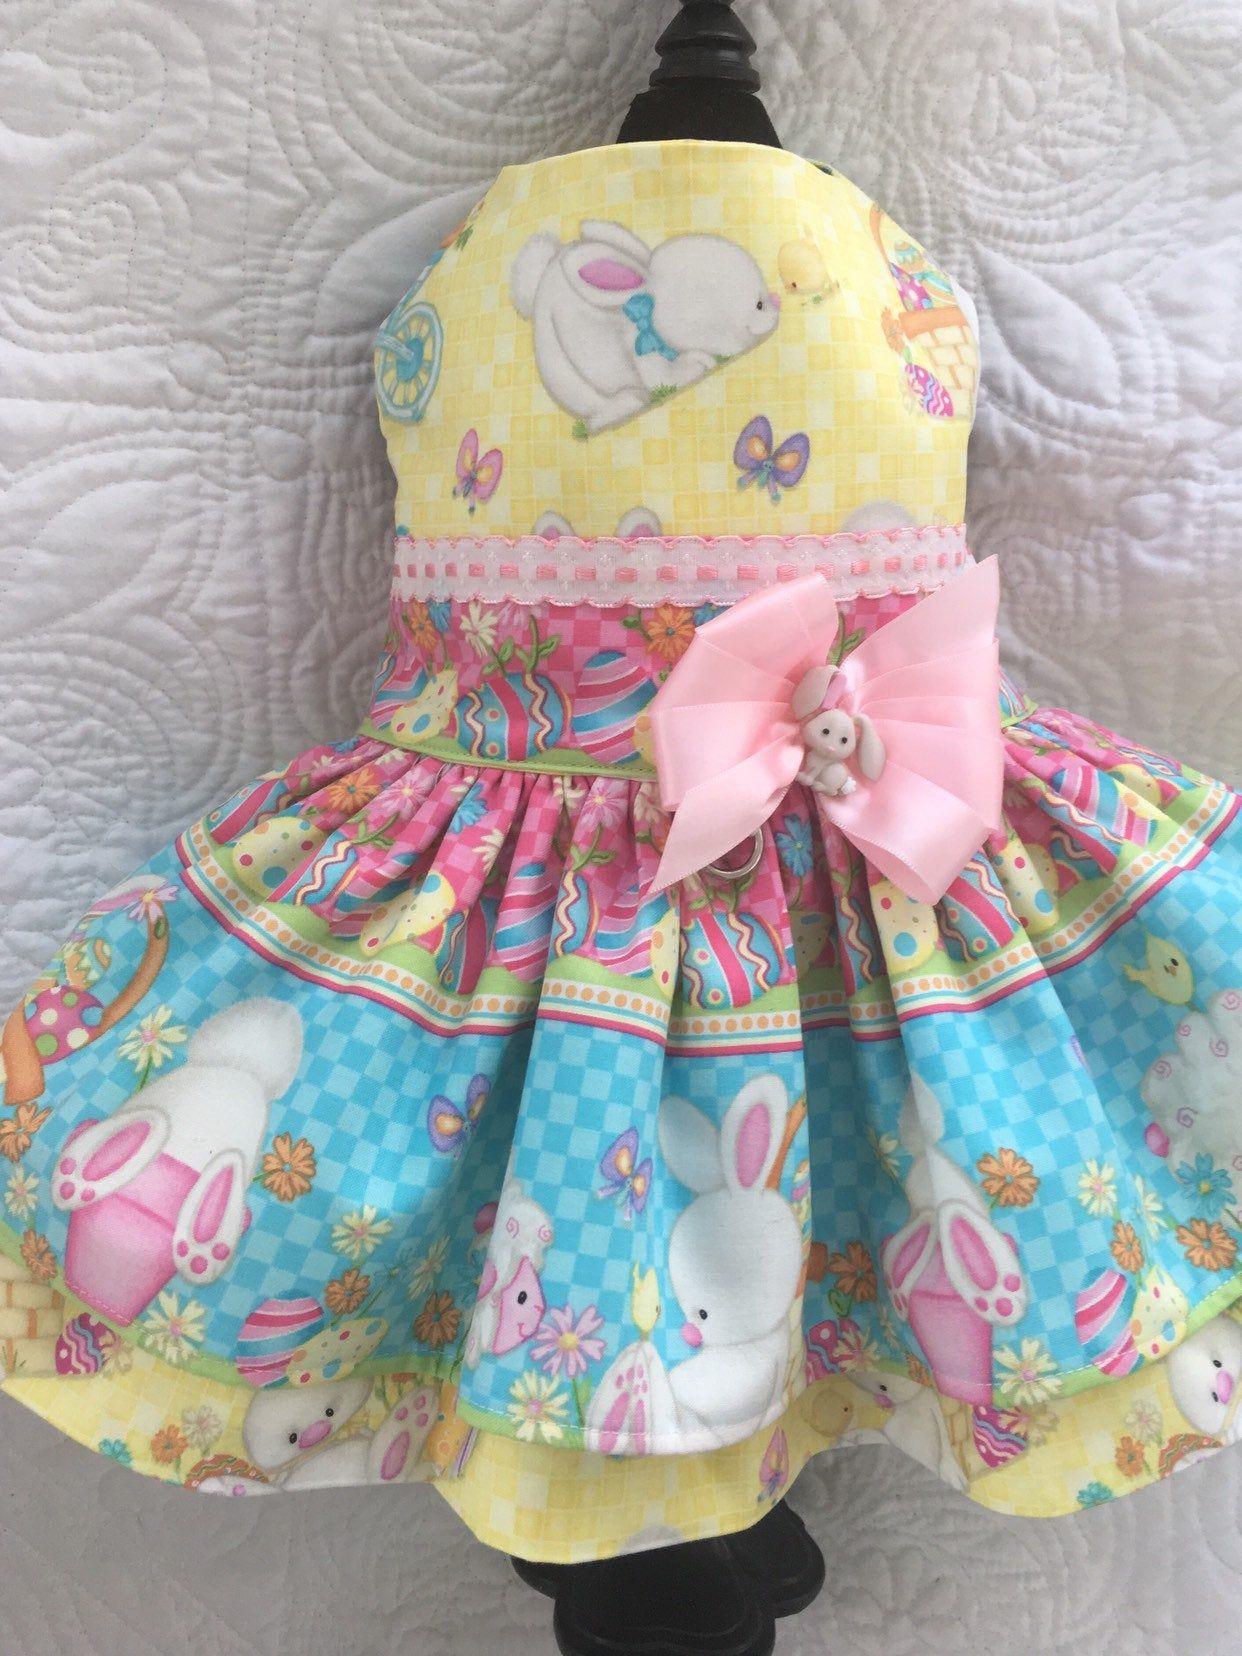 Easter dog dress harness for girl dog custom made in 2020